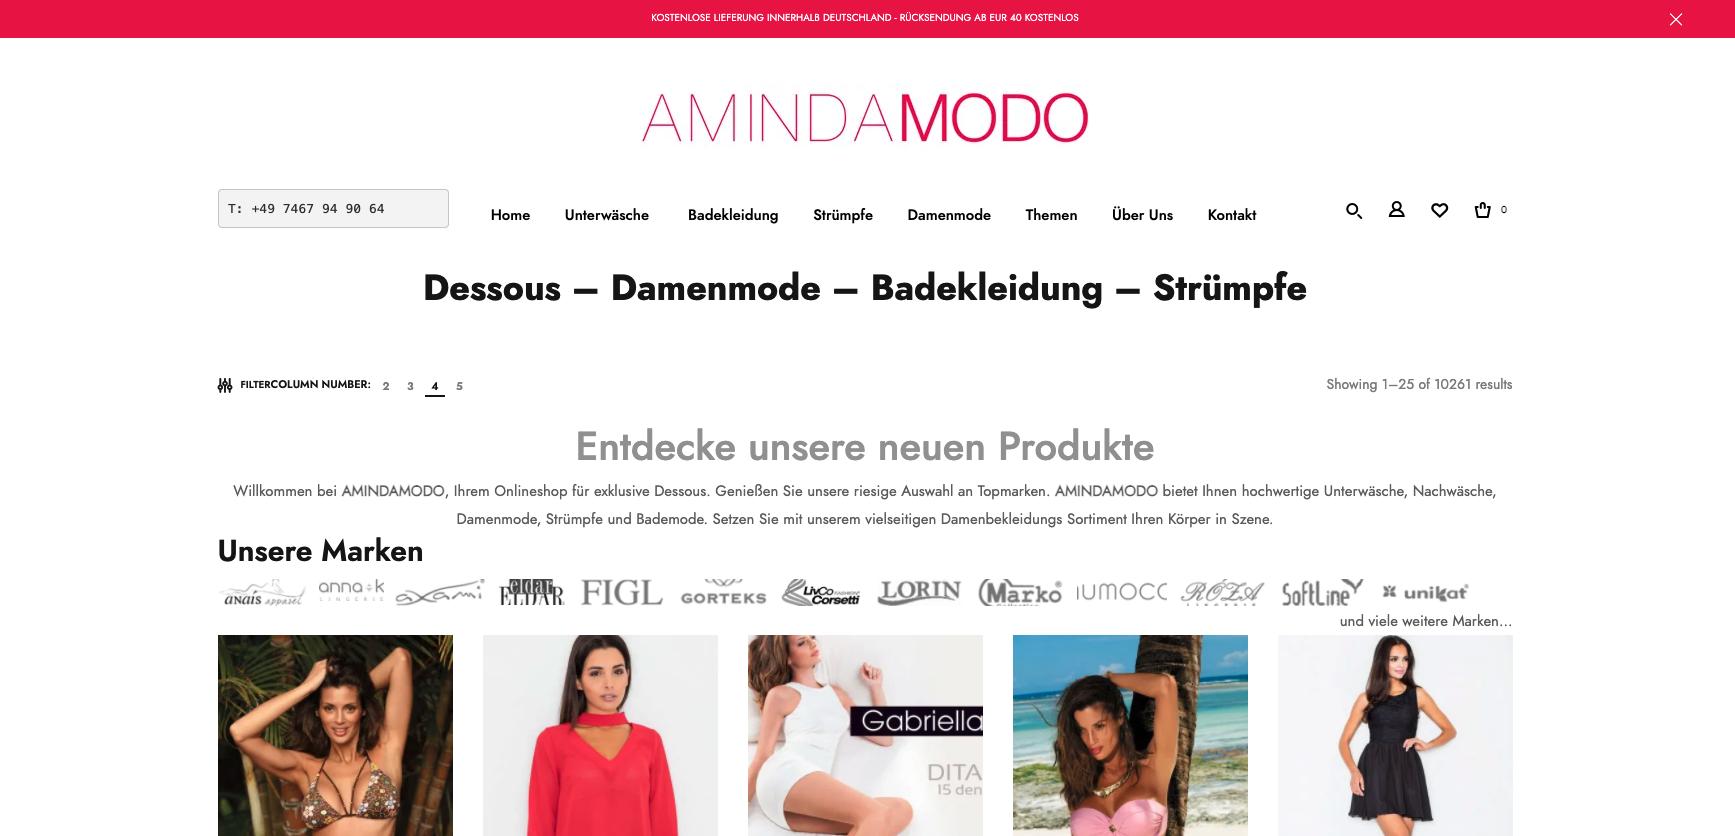 AMINDAMODO Exclusive Dessous & Unterwäsche für die Feminine Frau